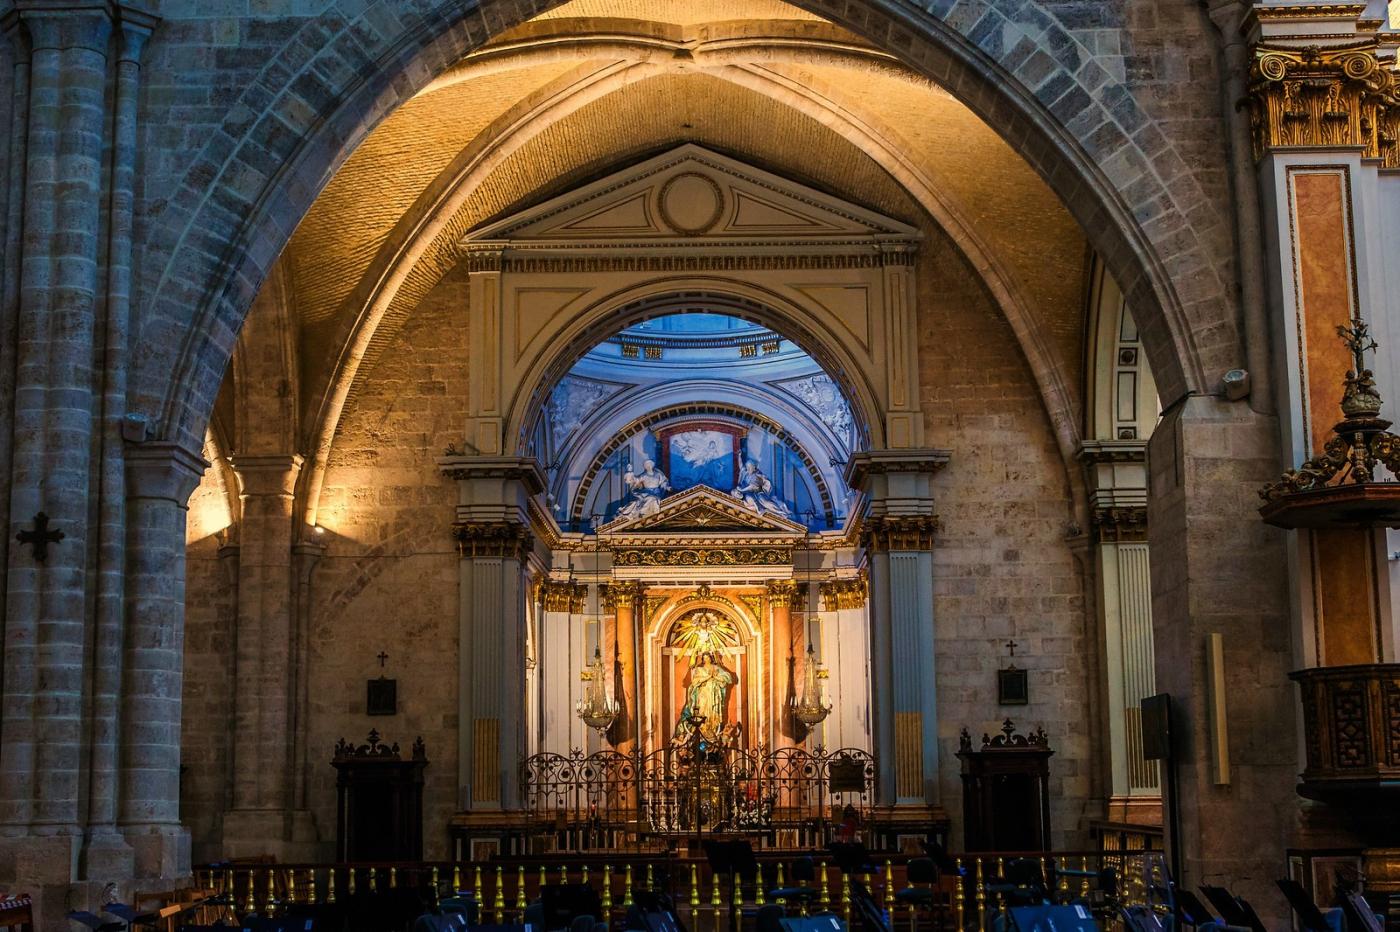 西班牙巴倫西亞主教堂,越看越喜歡_圖1-5